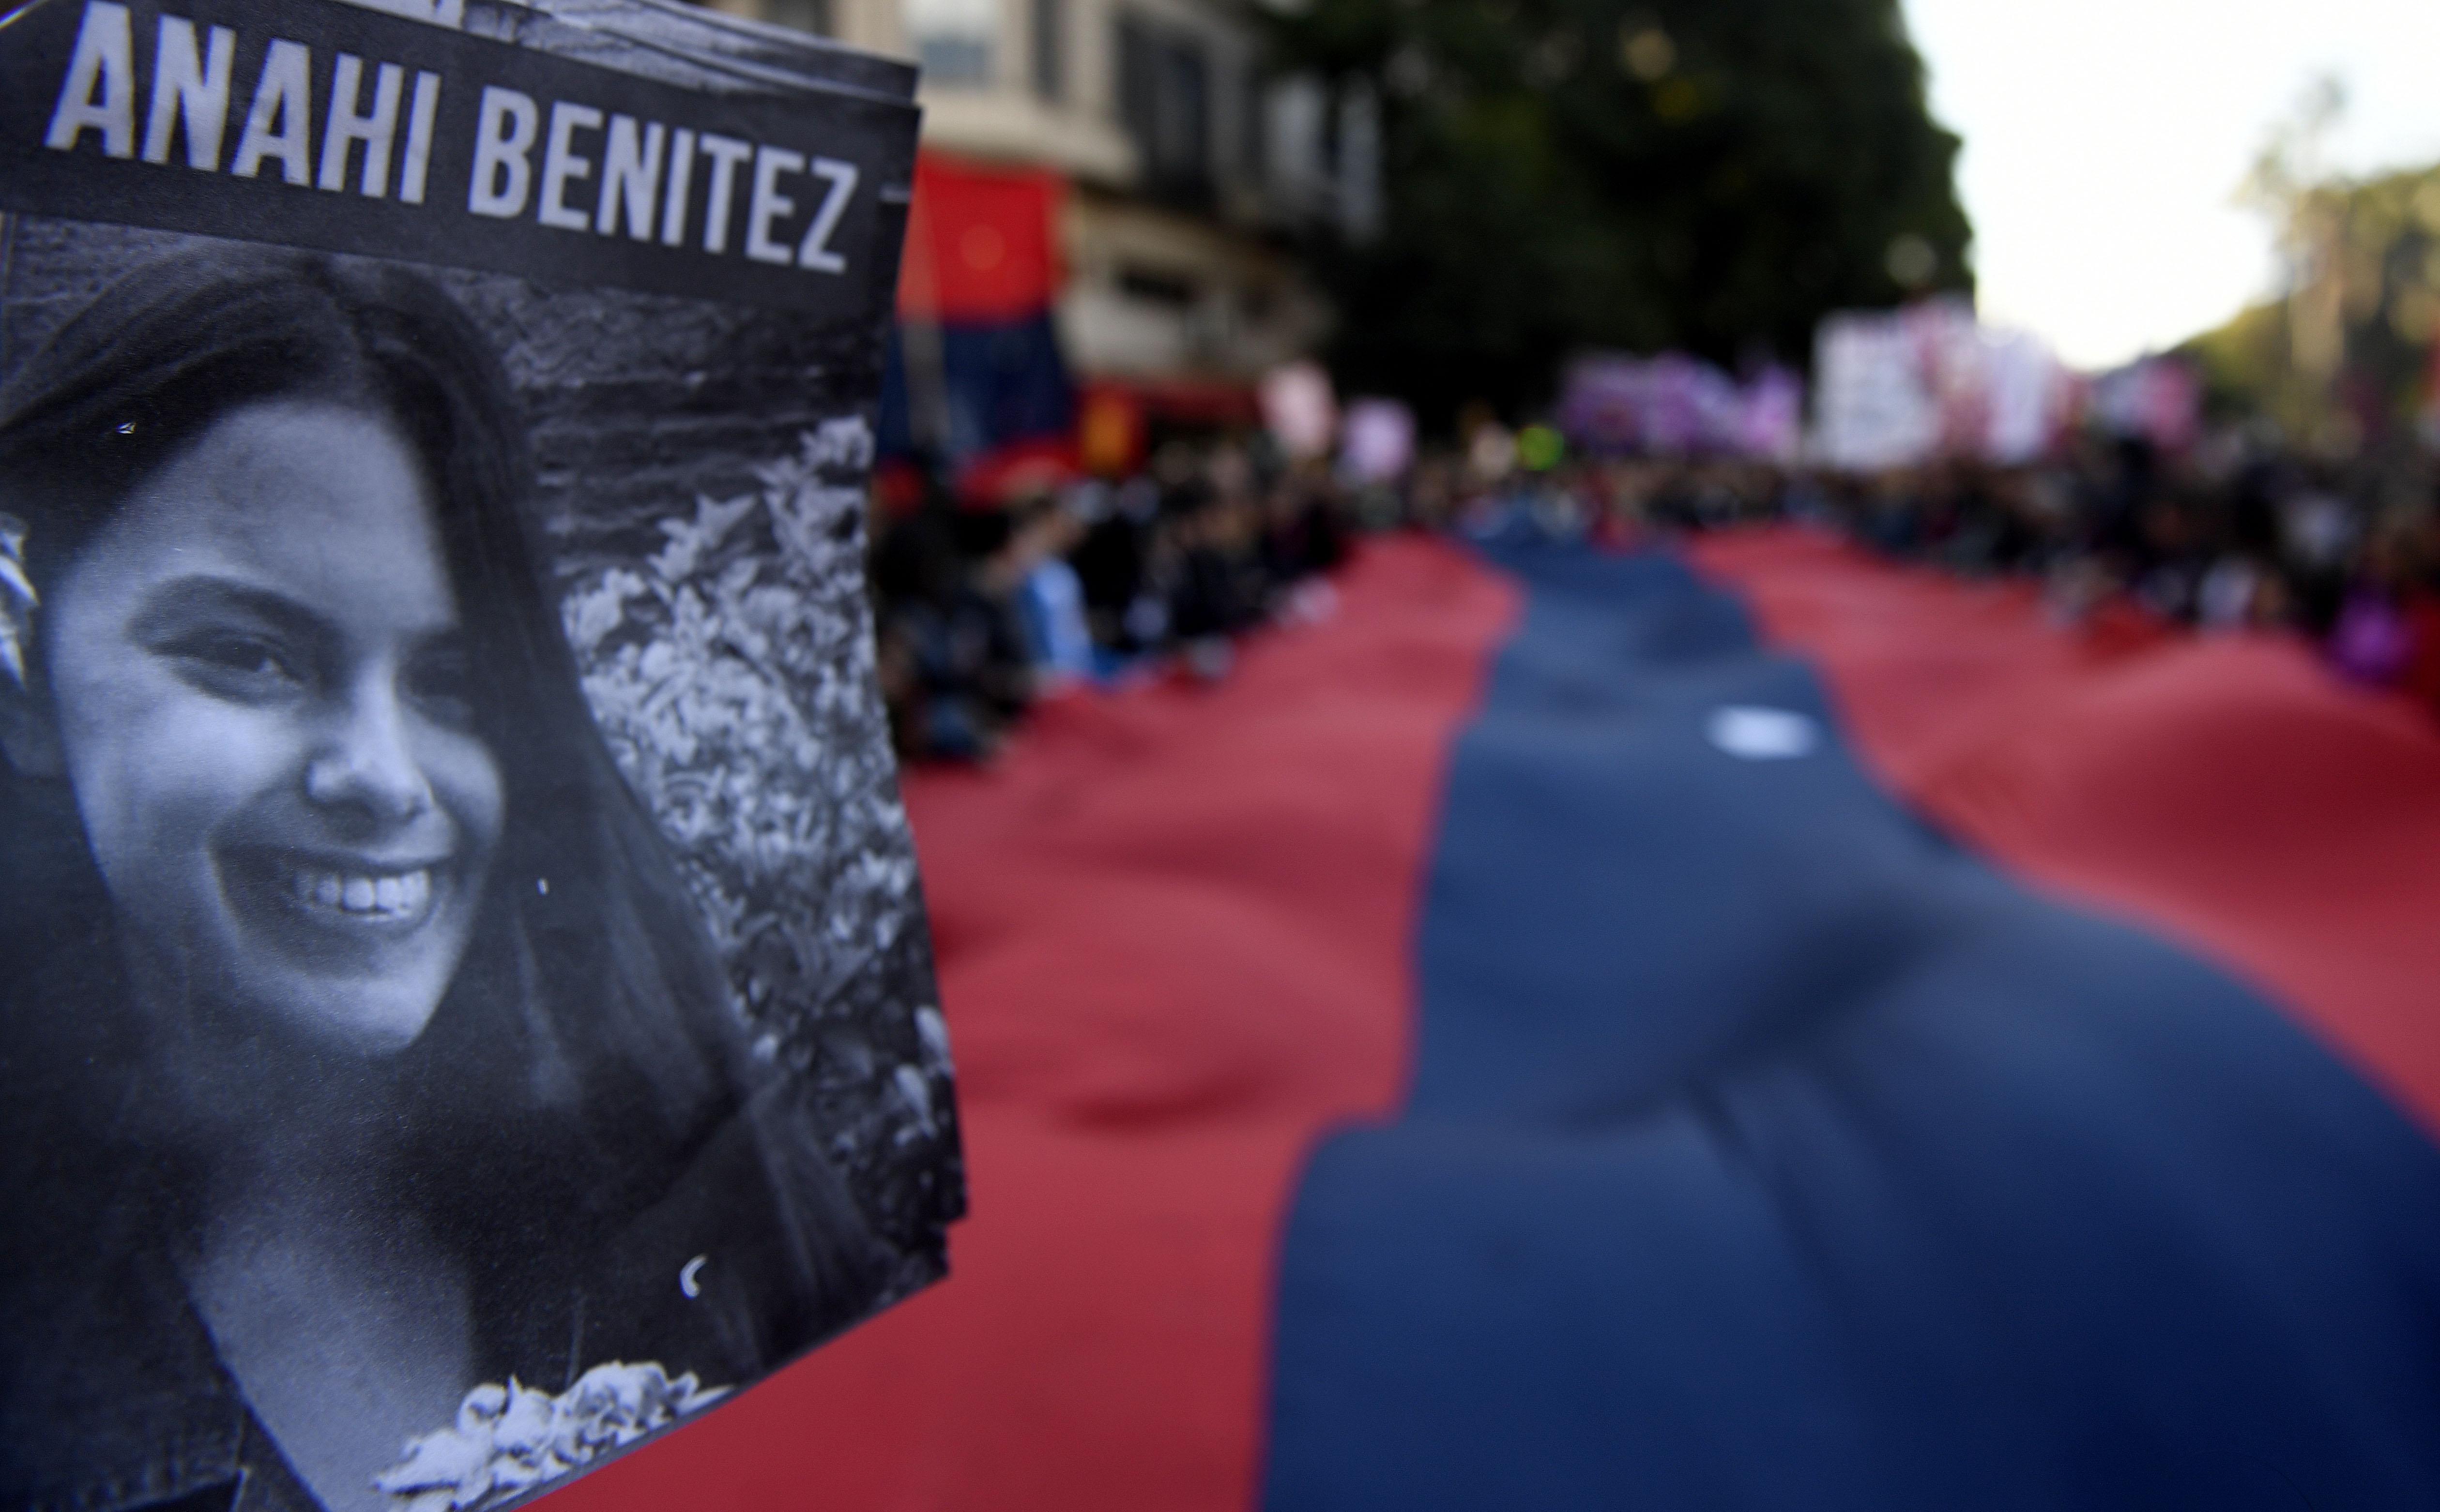 Marcha al Congreso para pedir justicia por Anahí Benítez.